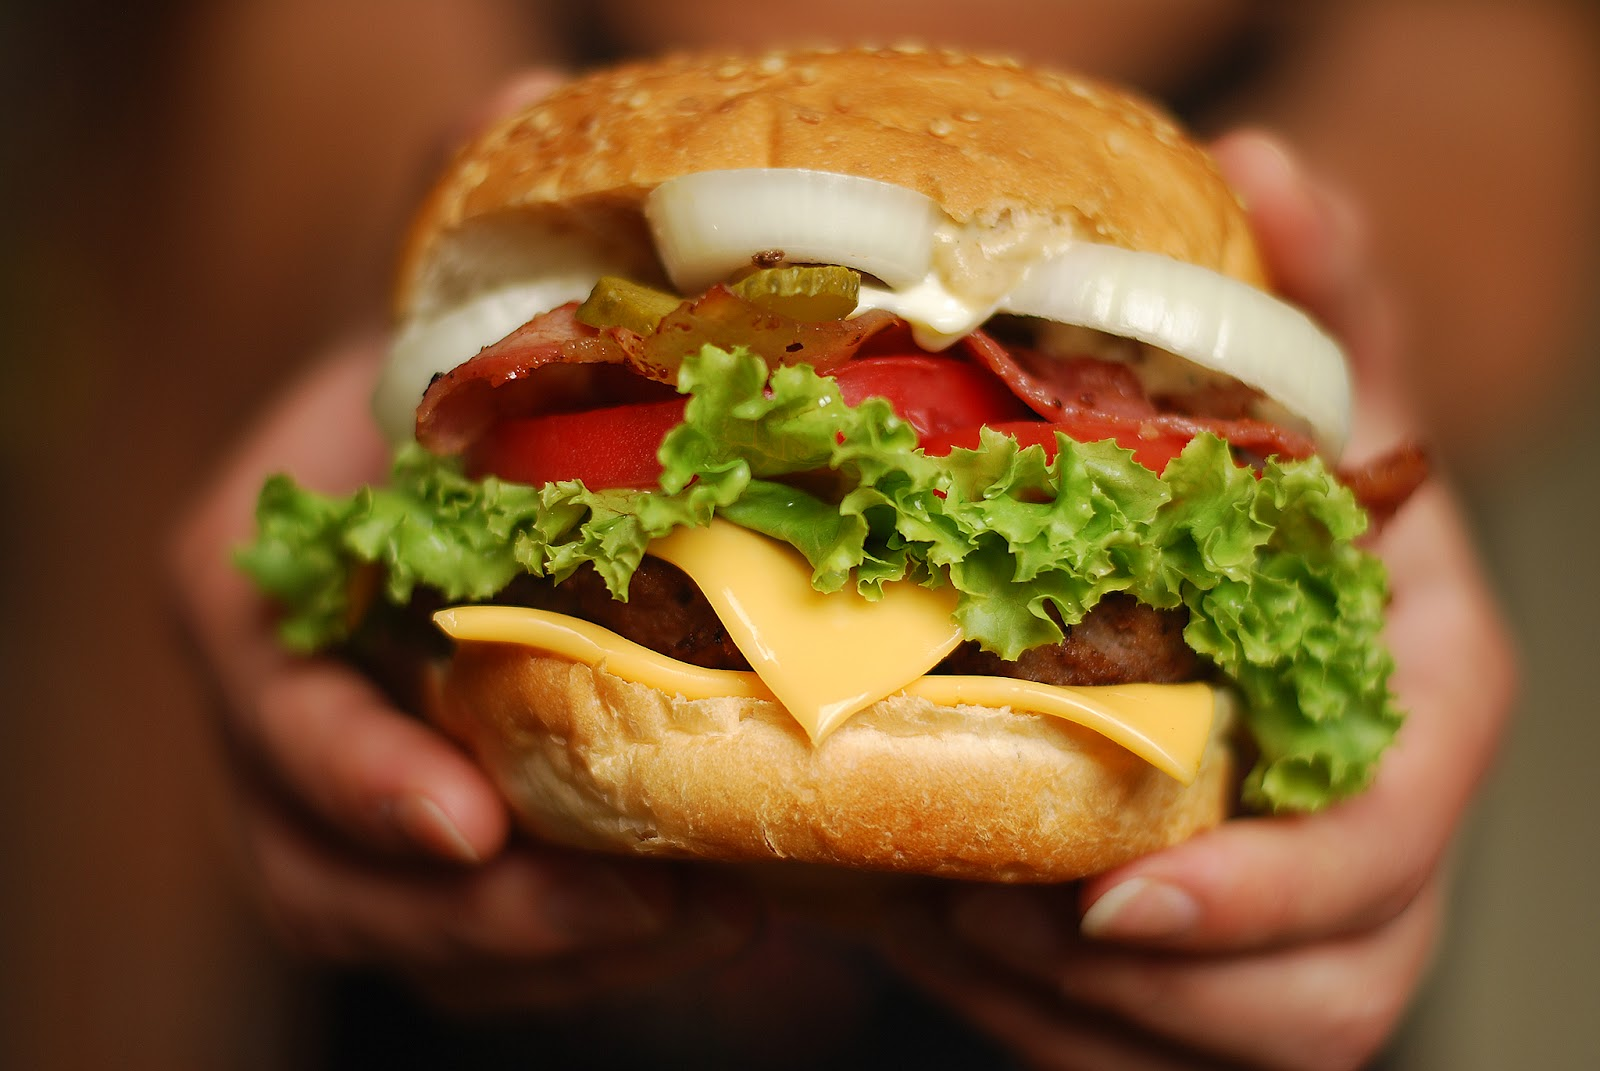 shvedskaya-tolerantnost--burgery-besplatno